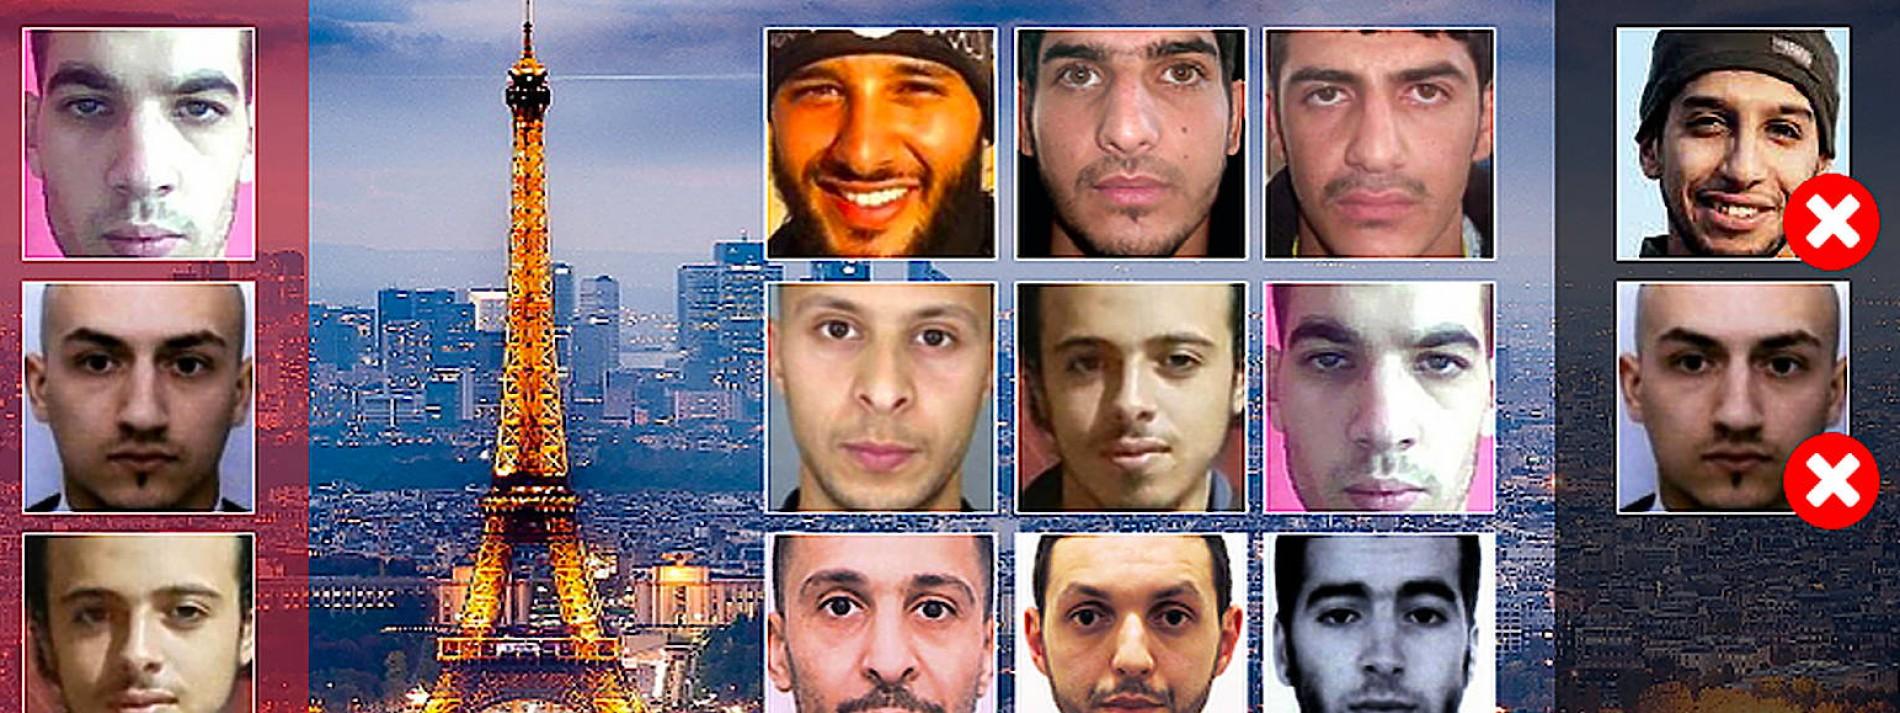 faz.net - Alexander Armbruster - Microsoft: Reguliert die Gesichtserkennung!